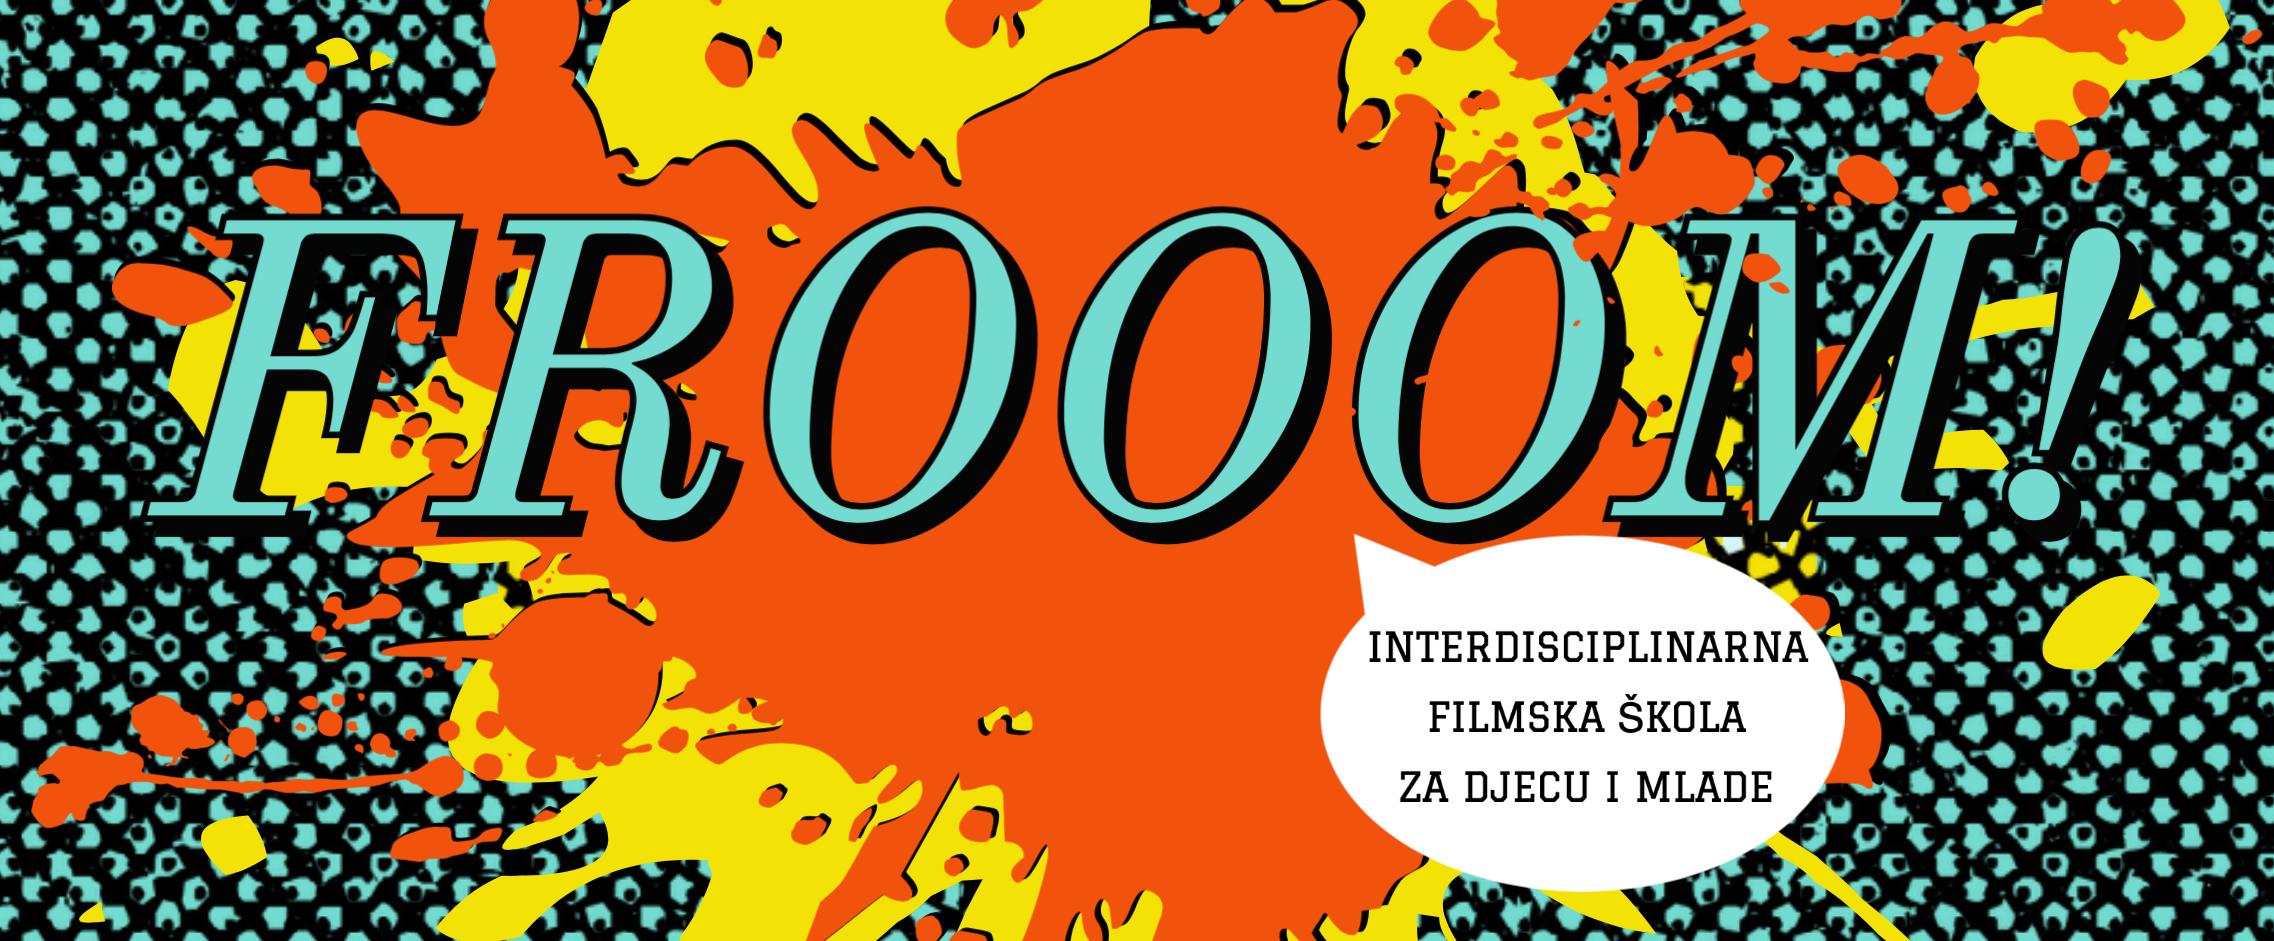 FROOOM! filmska škola za djecu i mlade